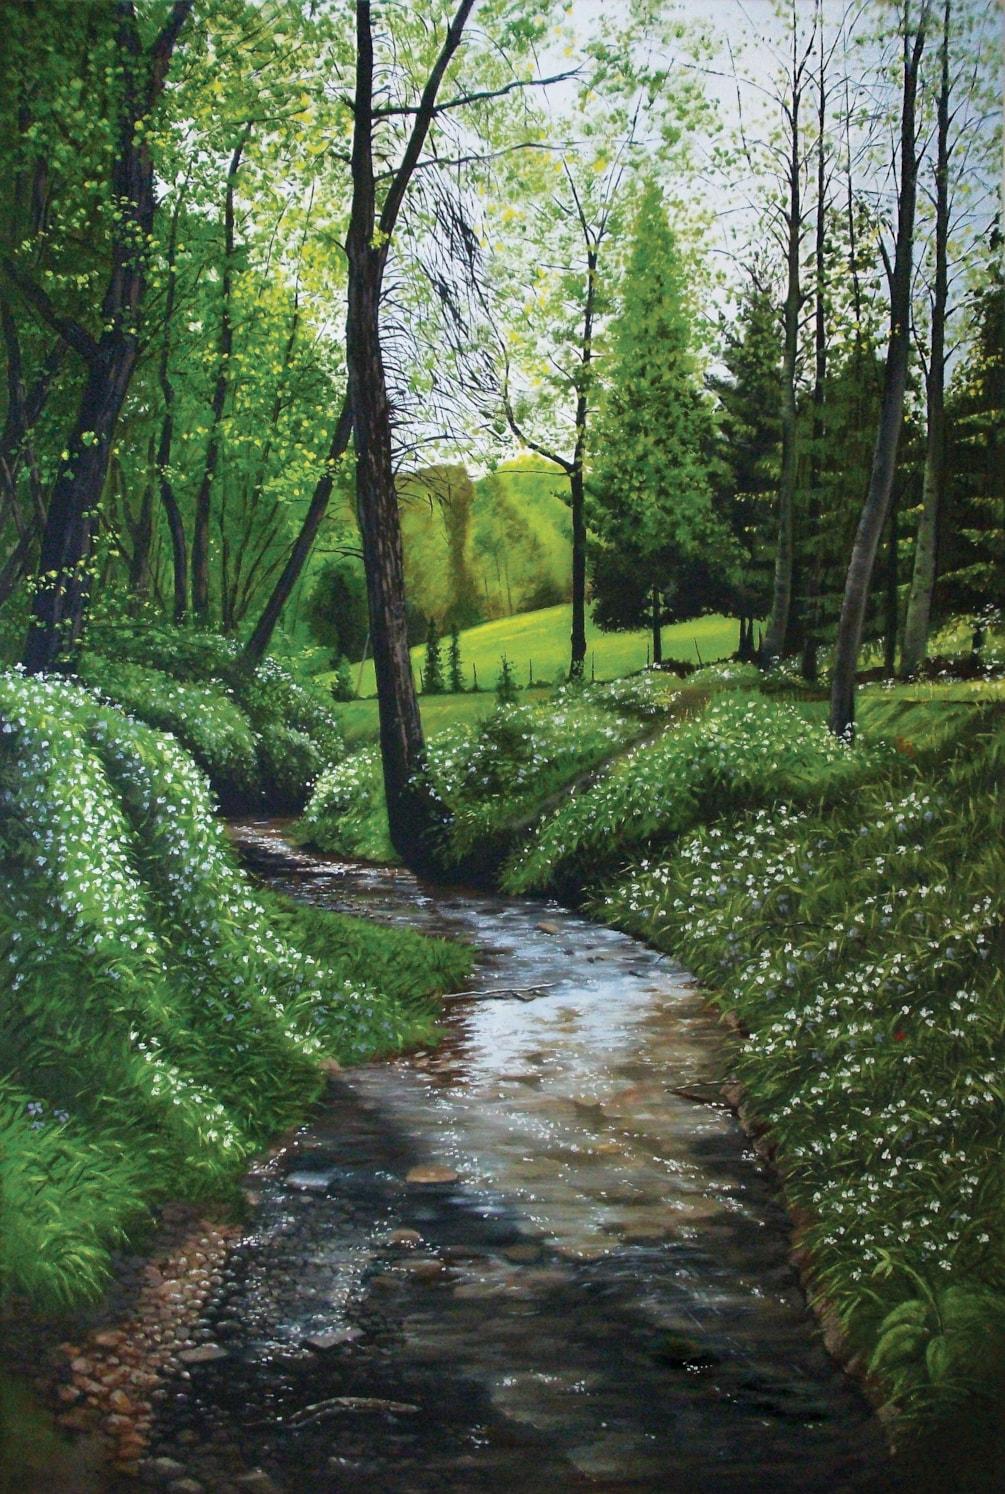 Bodenham Arboretum - Bodenham Wood